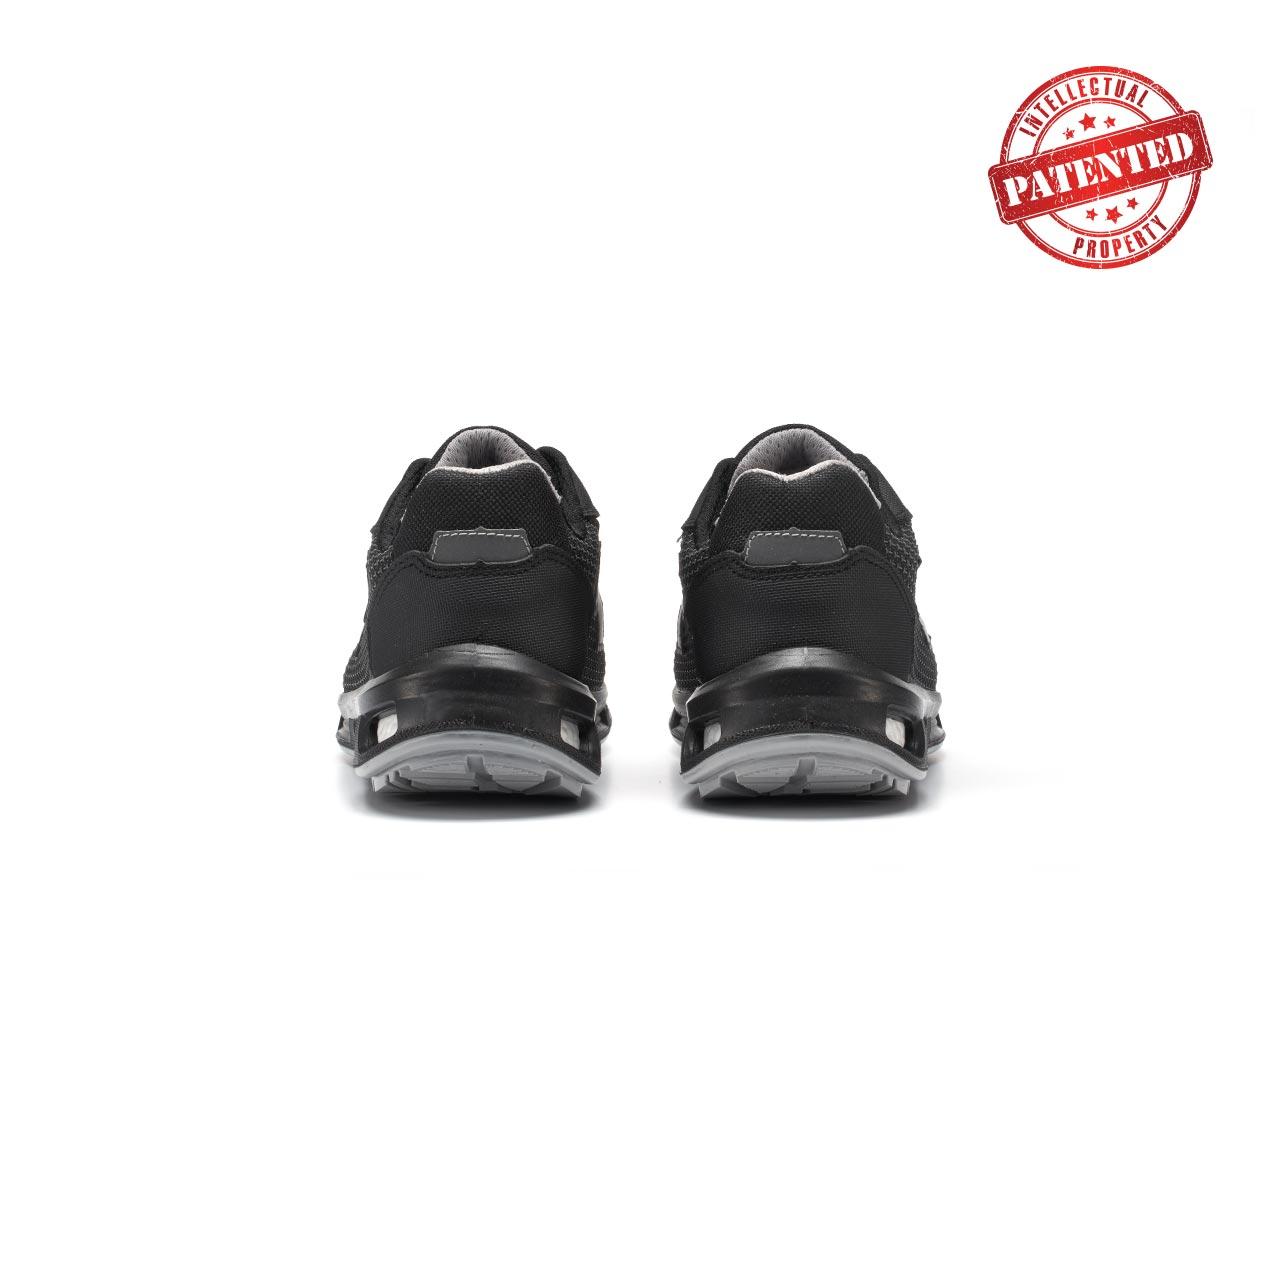 paio di scarpe antinfortunistiche upower modello raptor linea redlion vista retro